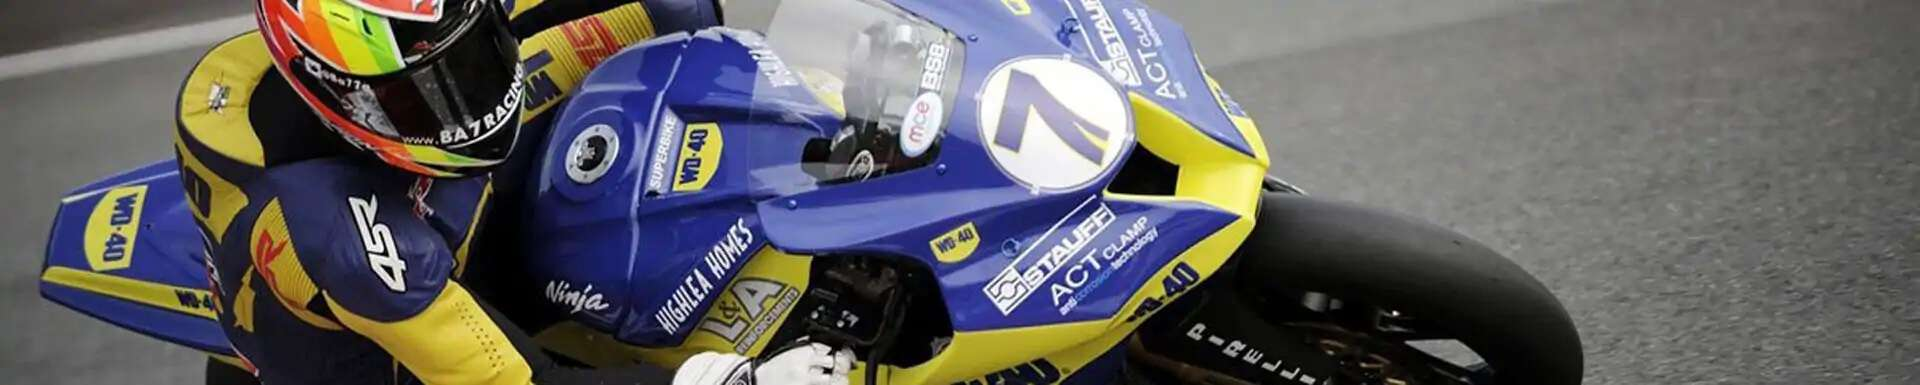 motorbike banner